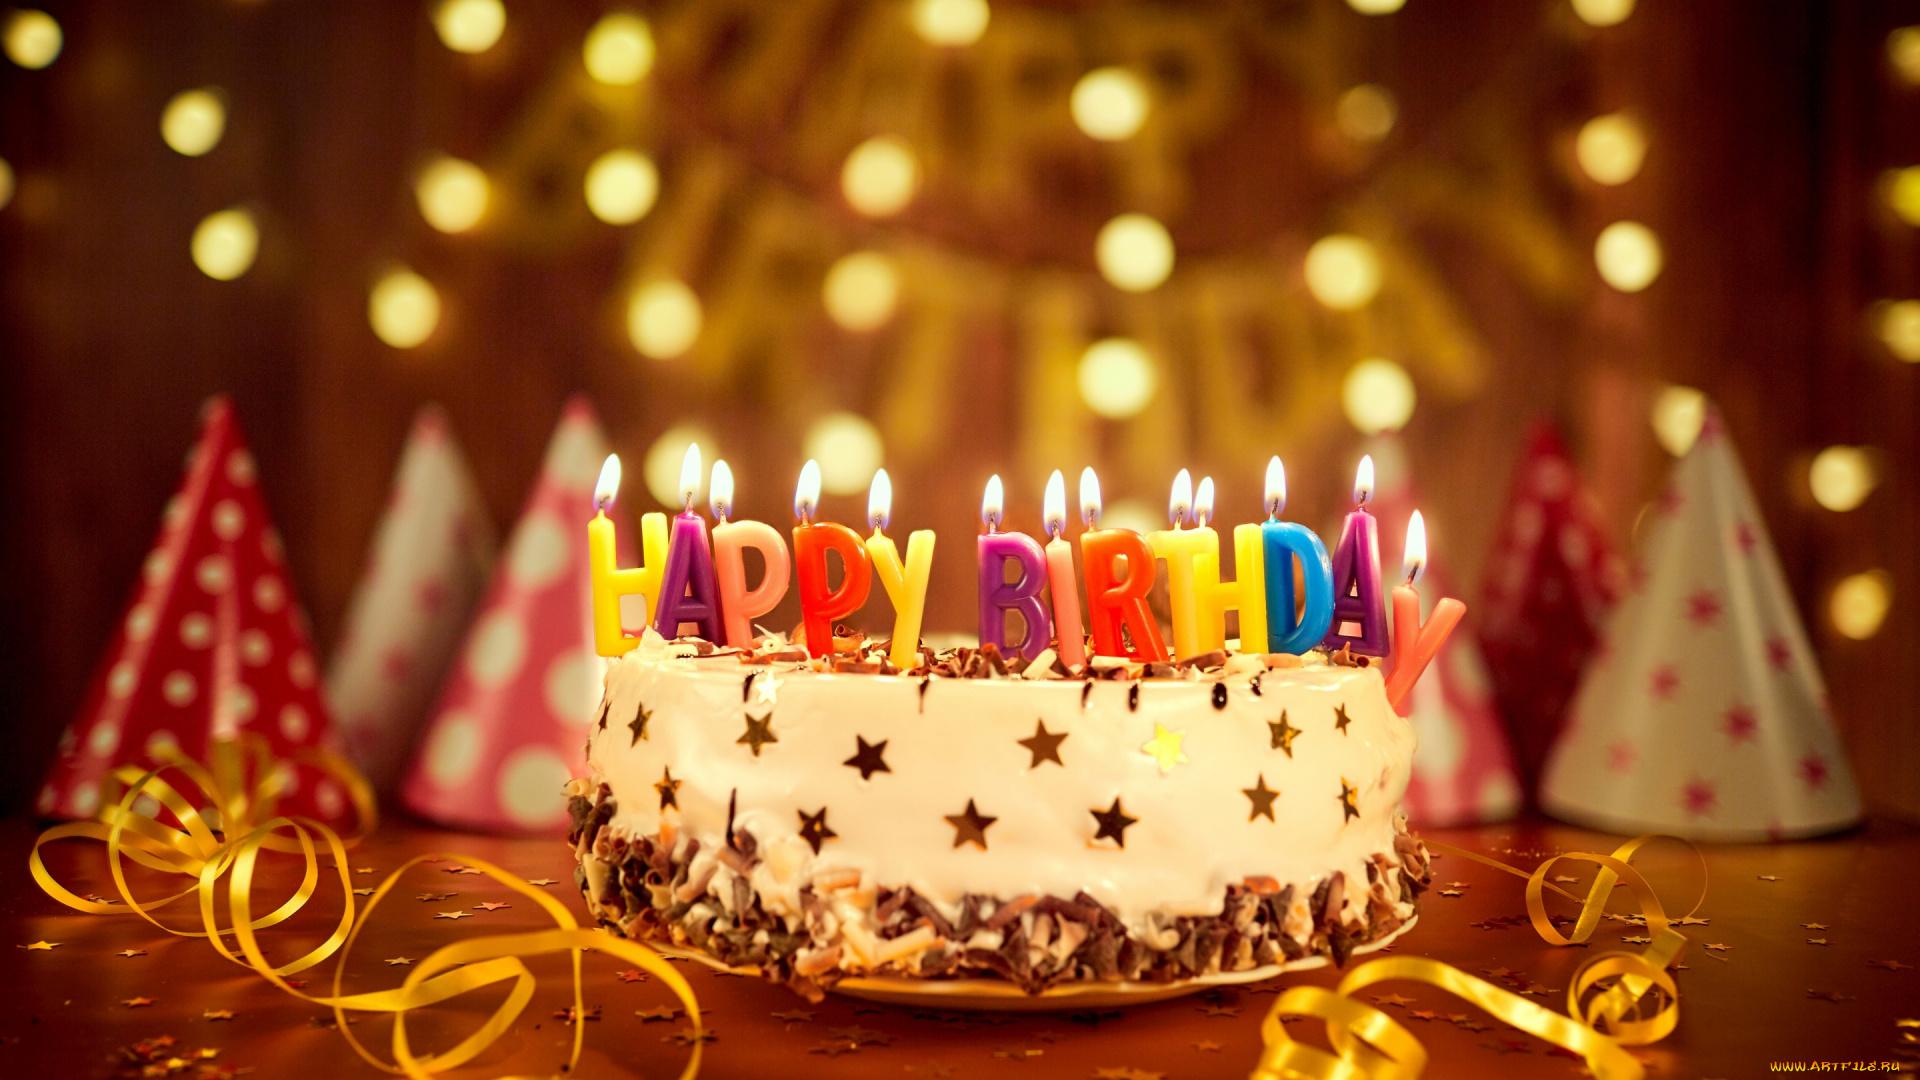 Открытка на день рождения 47 лет тортик, картинки продавец пива